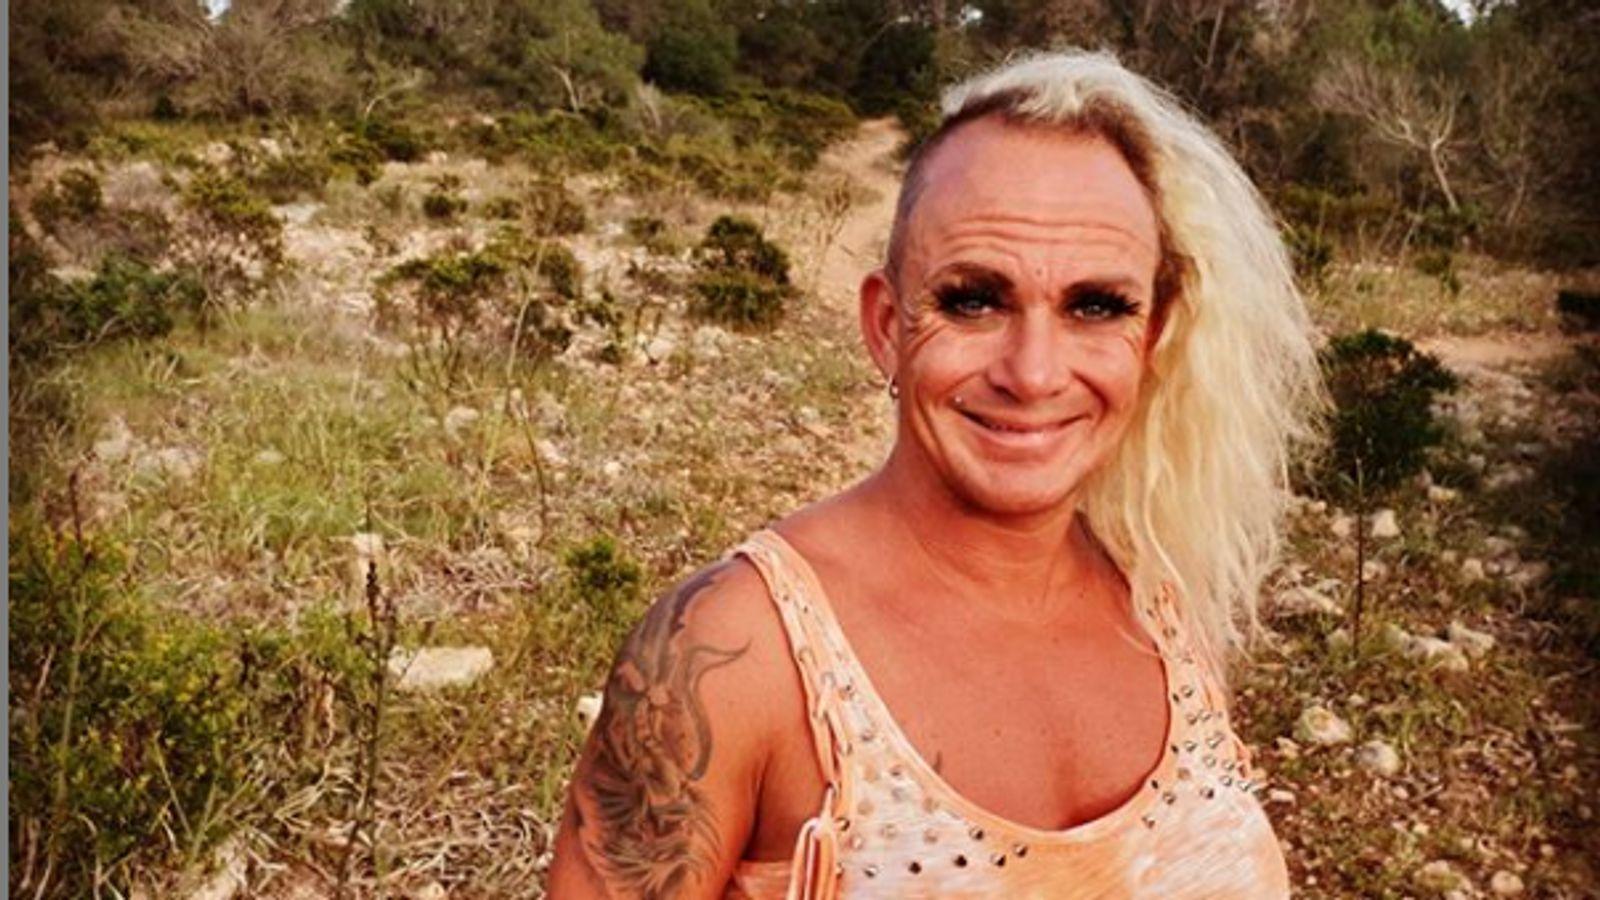 Caro Robens nackt: Die Bodybuilderin lässt die Hüllen